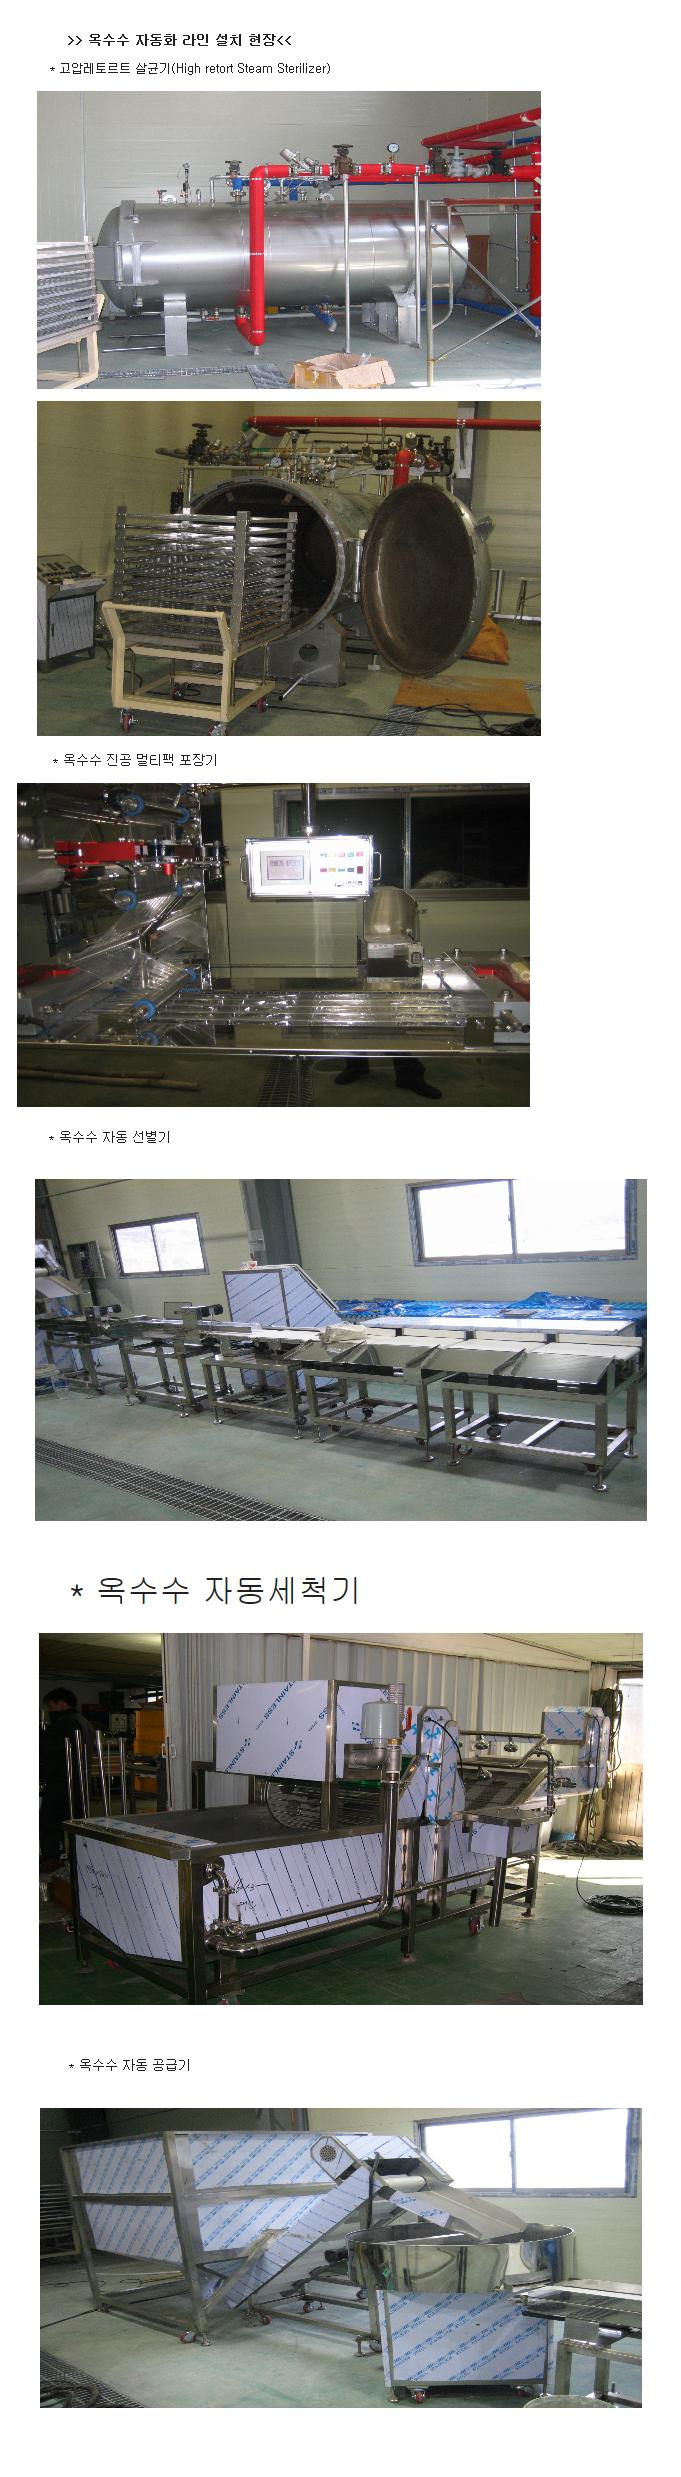 (주)대린기계 고압살균기설비 라인